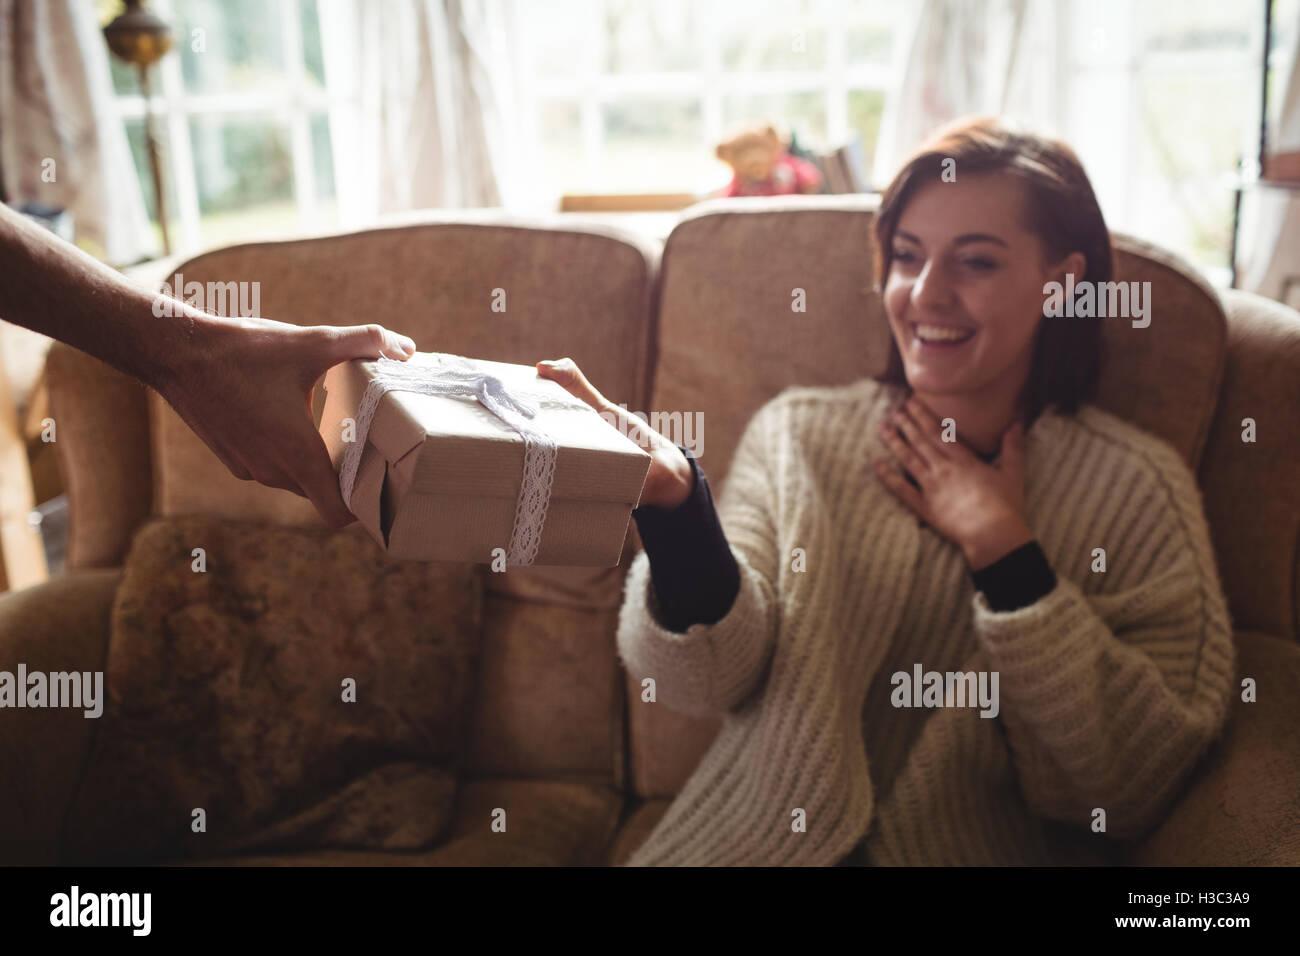 Surprenant homme femme avec un cadeau dans la salle de séjour Photo Stock